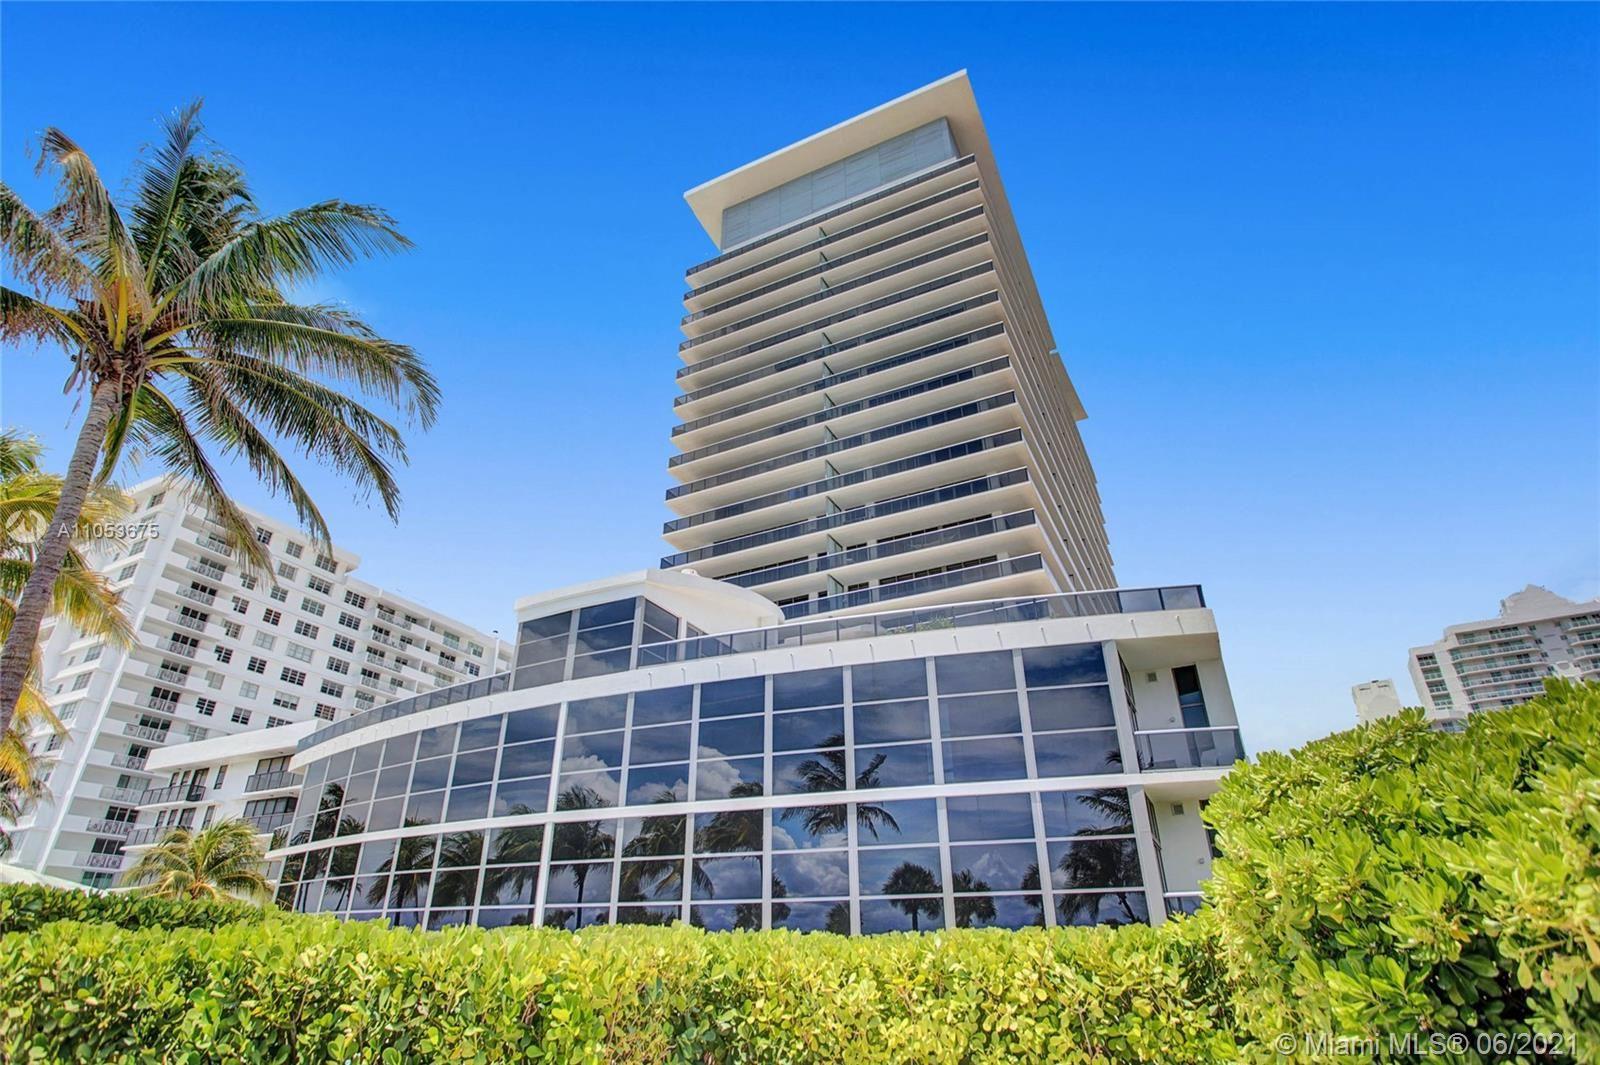 5875 Collins Ave #601, Miami Beach, FL 33140 - #: A11053675